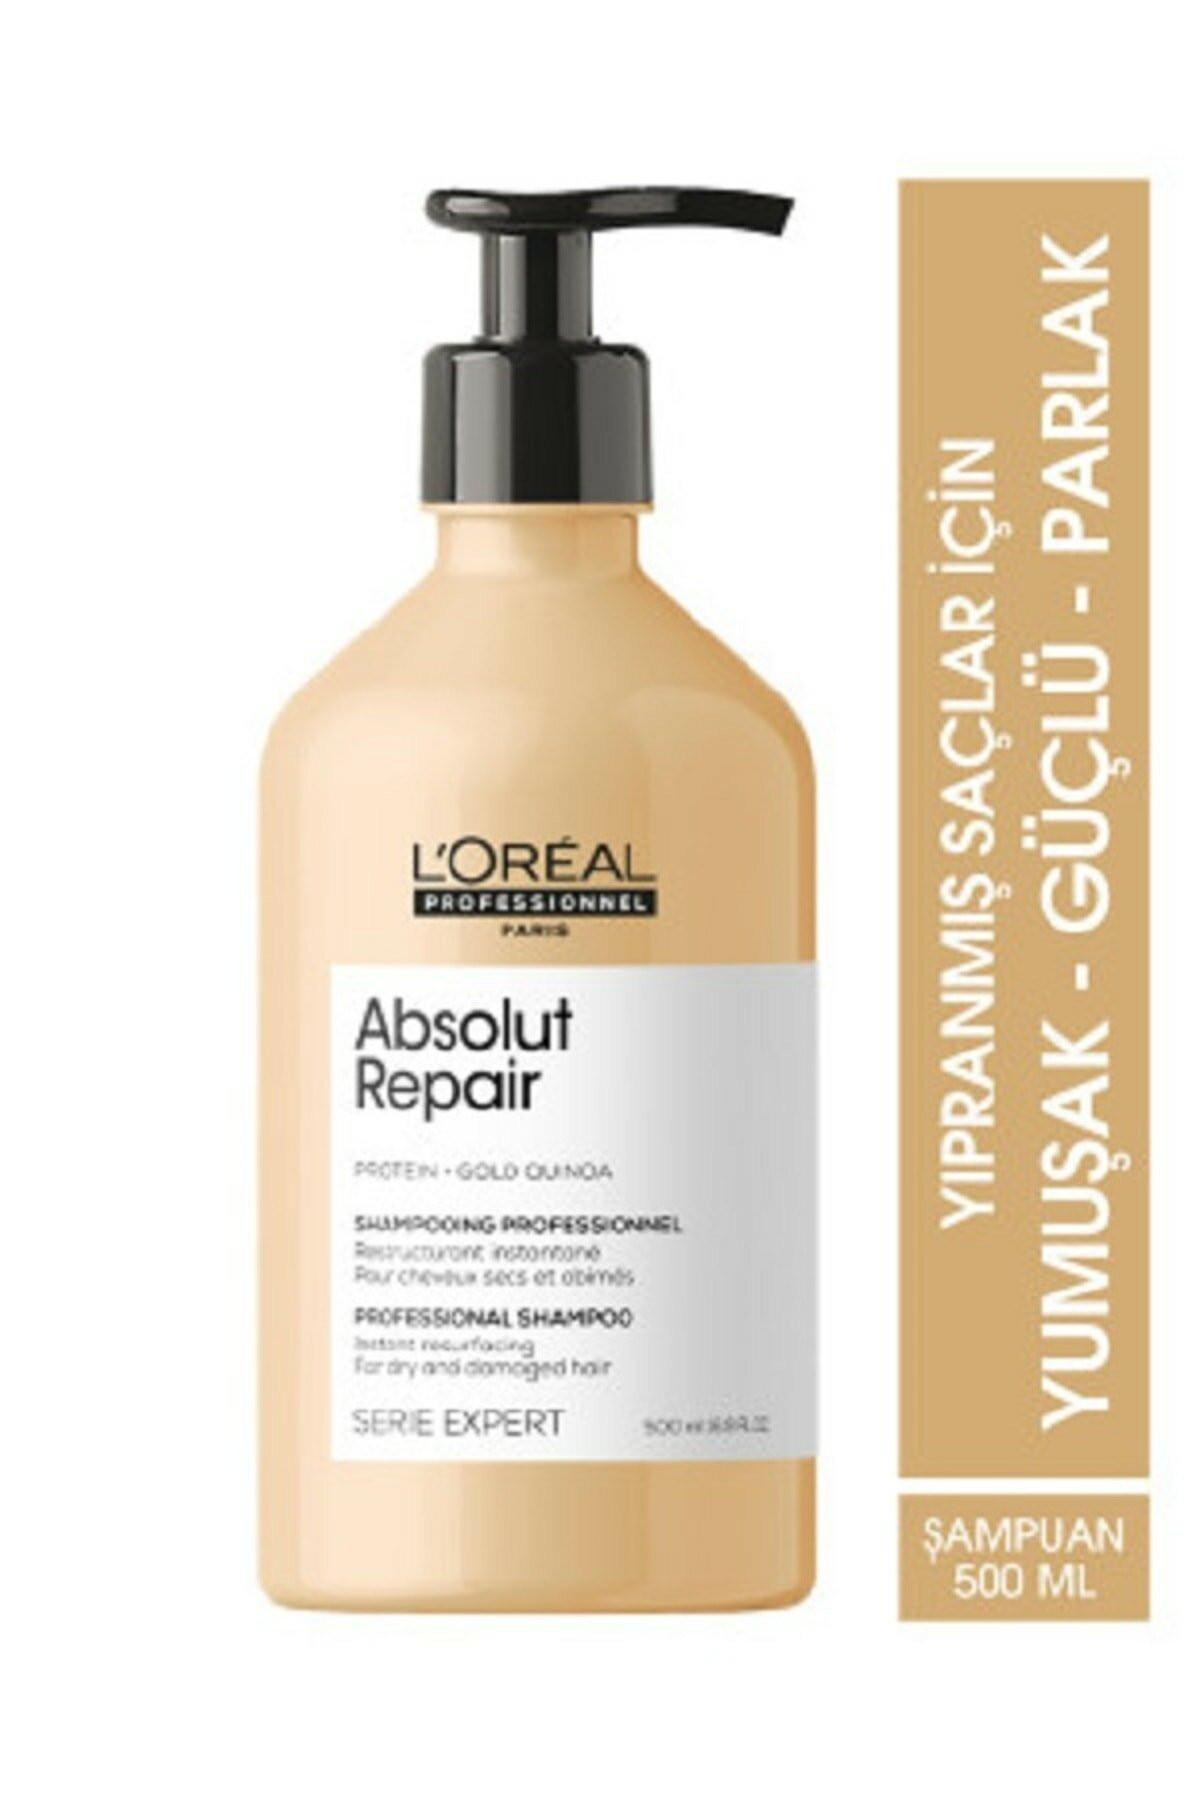 L'oreal Professionnel Serie Expert Absolut Repair Yıpranmış Saçlar Için Onarıcı Şampuan 500 ml